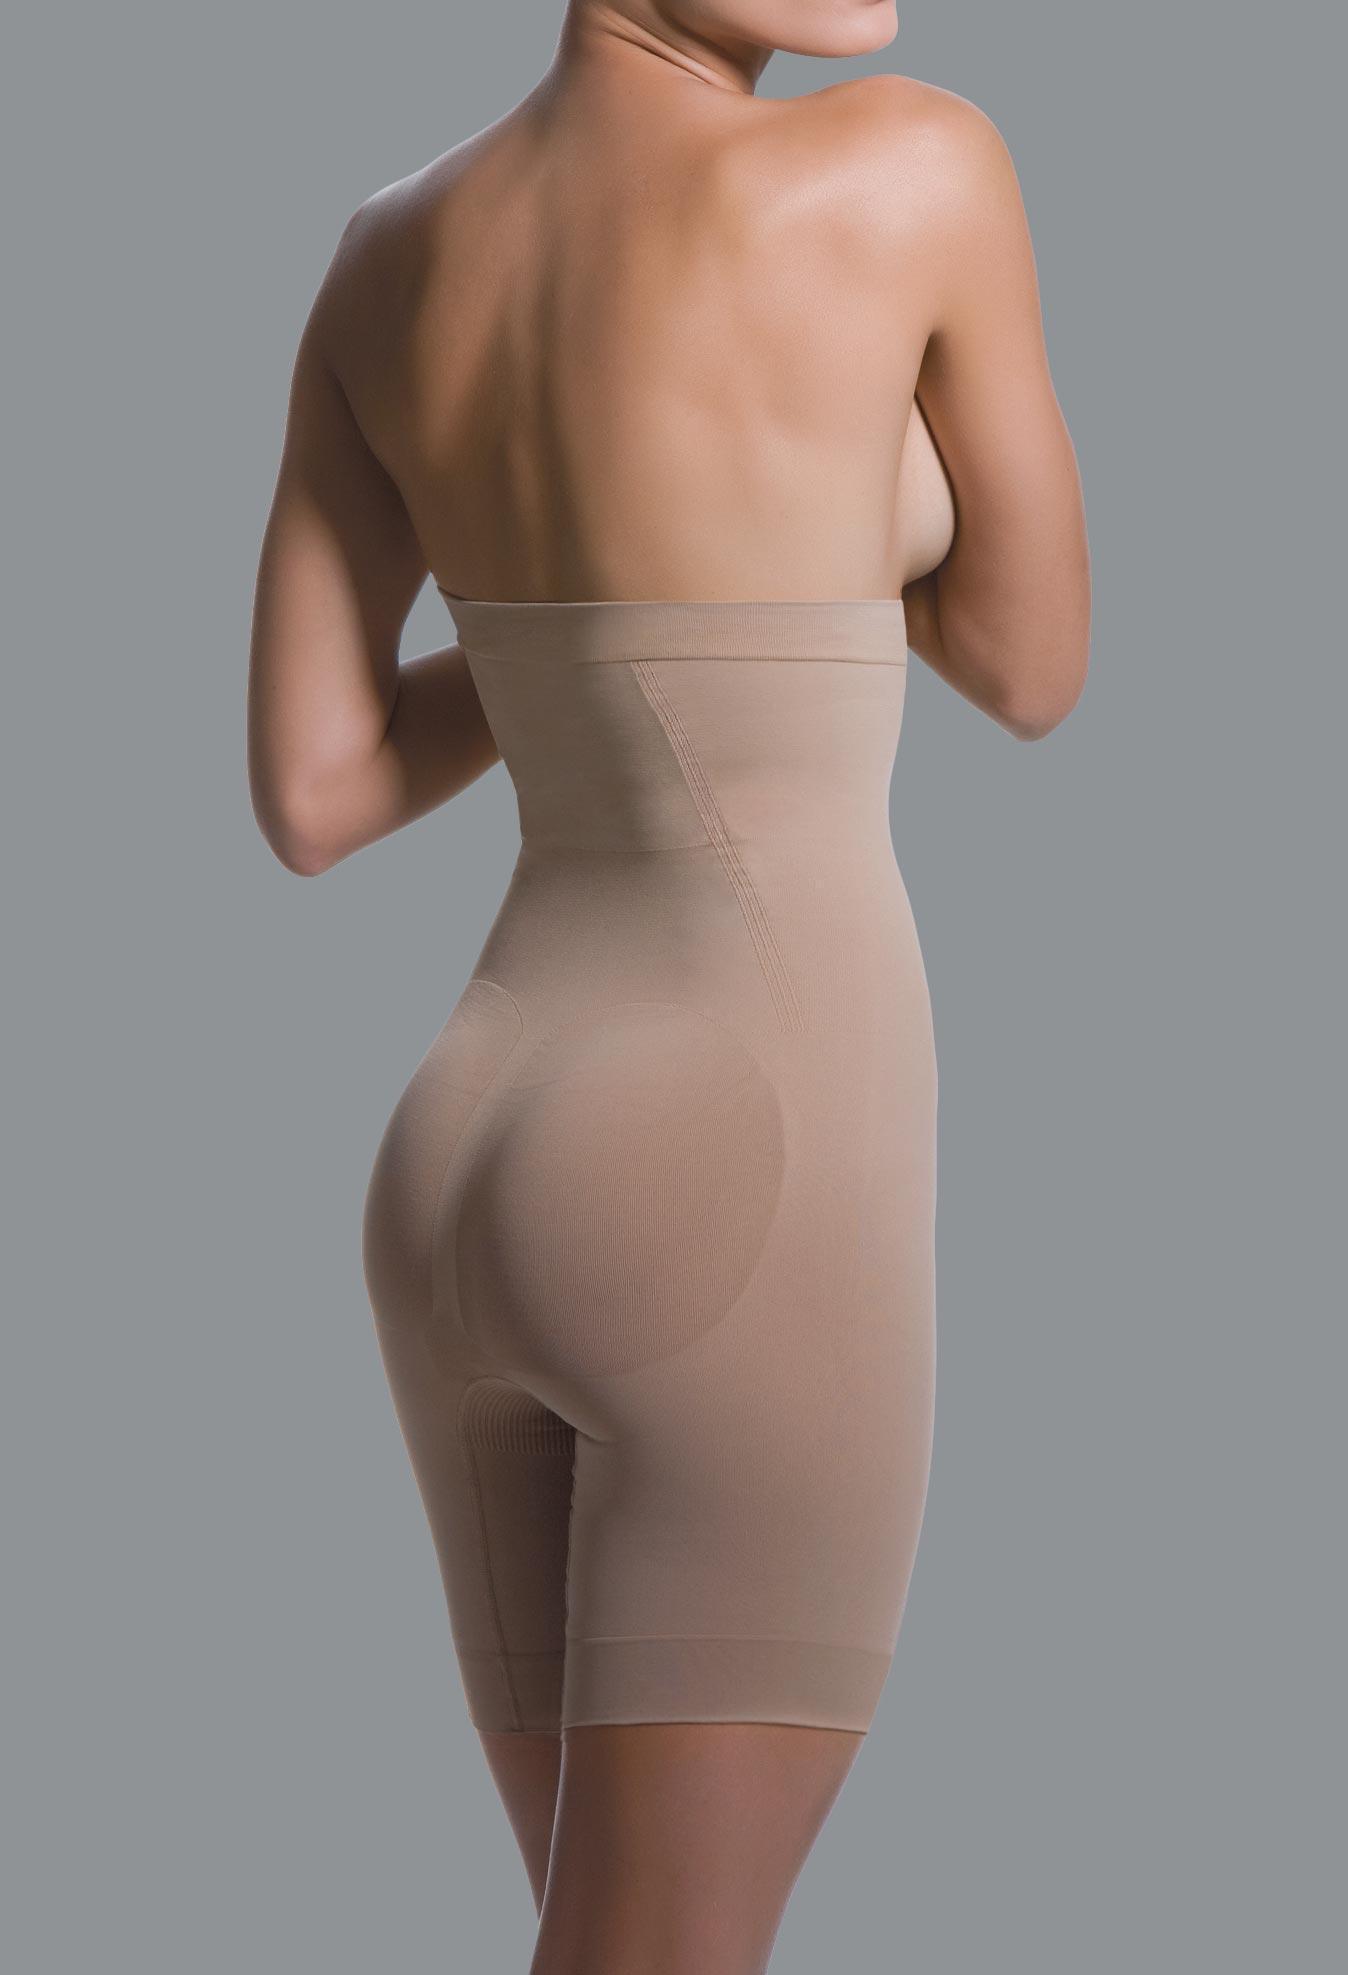 Антицеллюлитные бермуды «плоский живот» Scala 130 (Для похудения и коррекции фигуры)